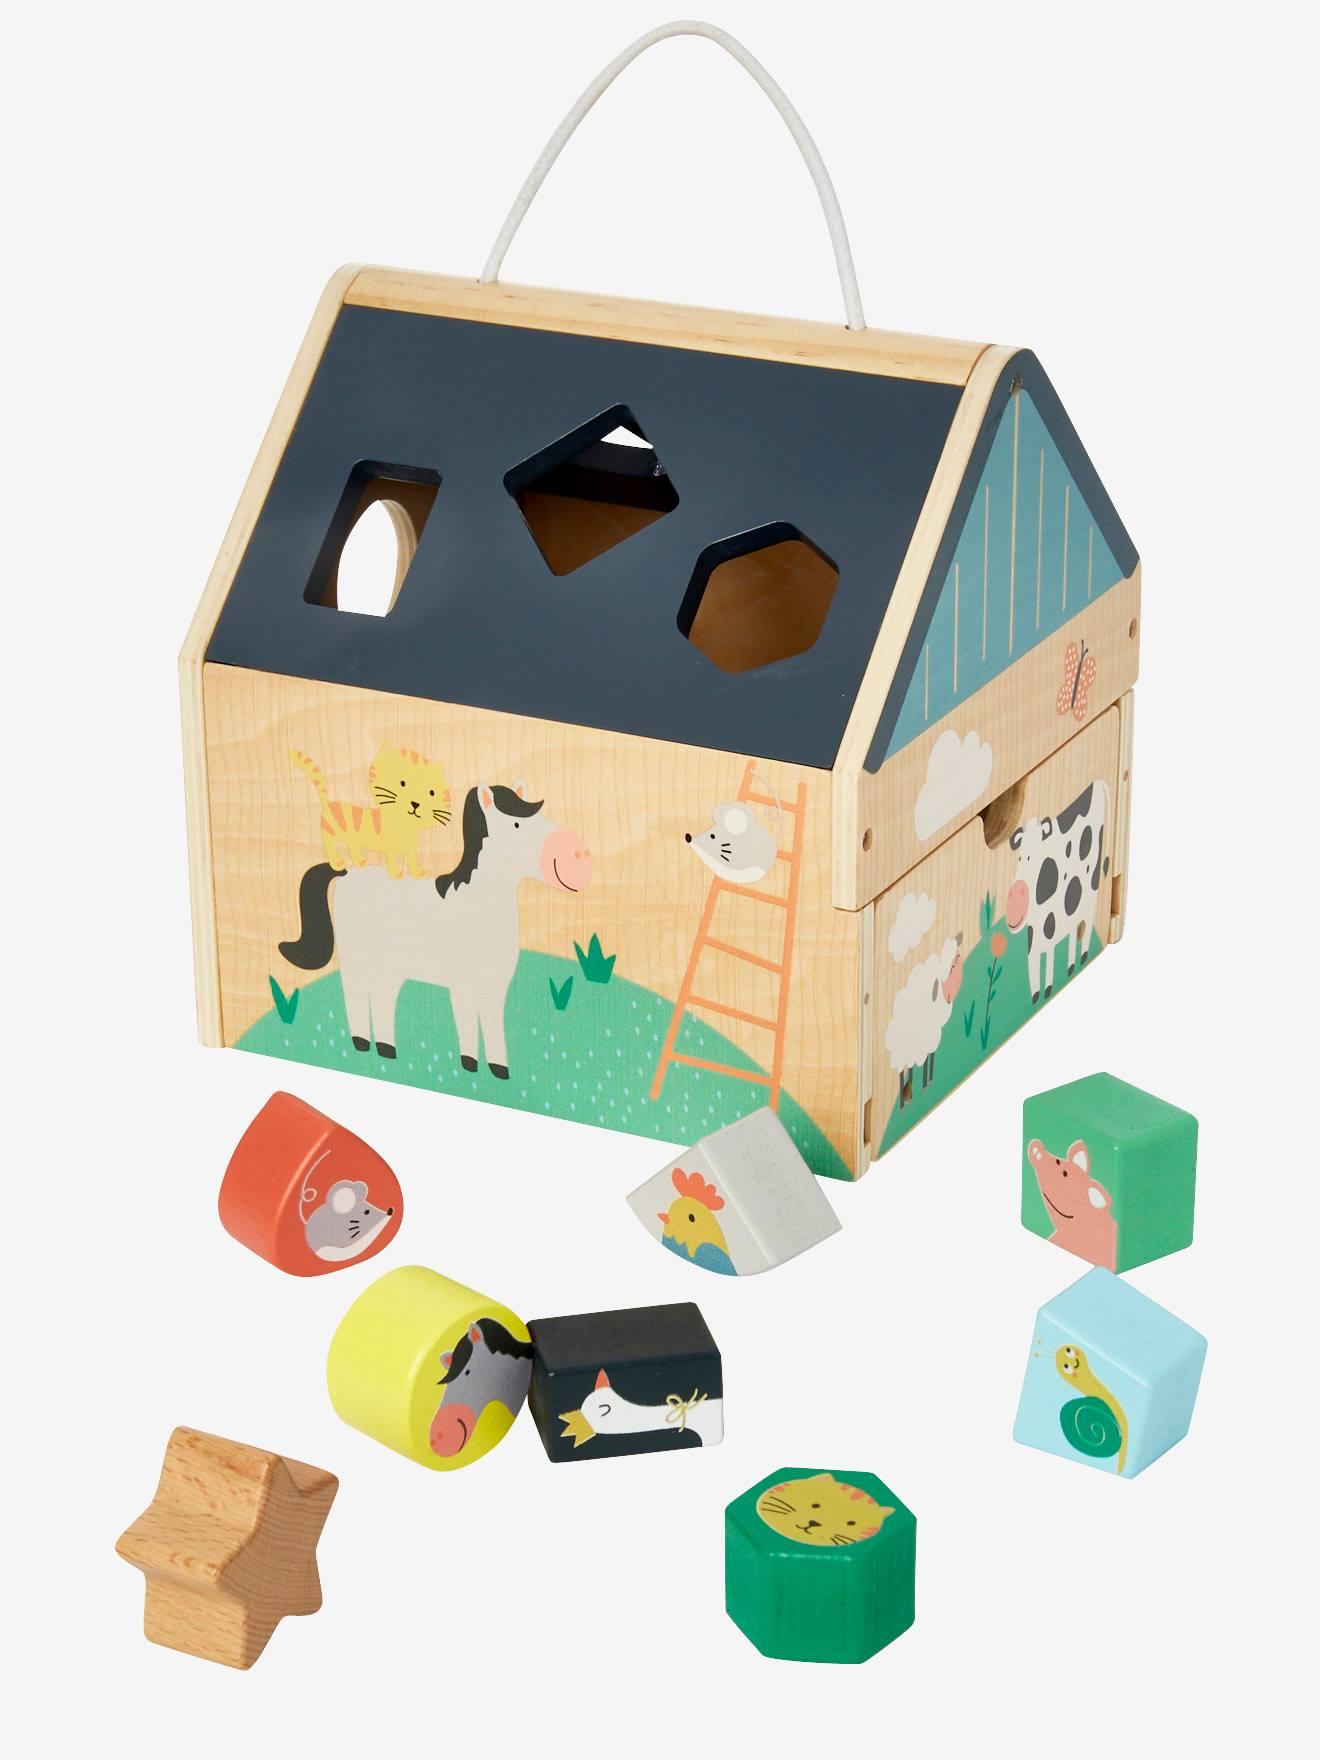 Maison des formes en bois multicolore - Vertbaudet